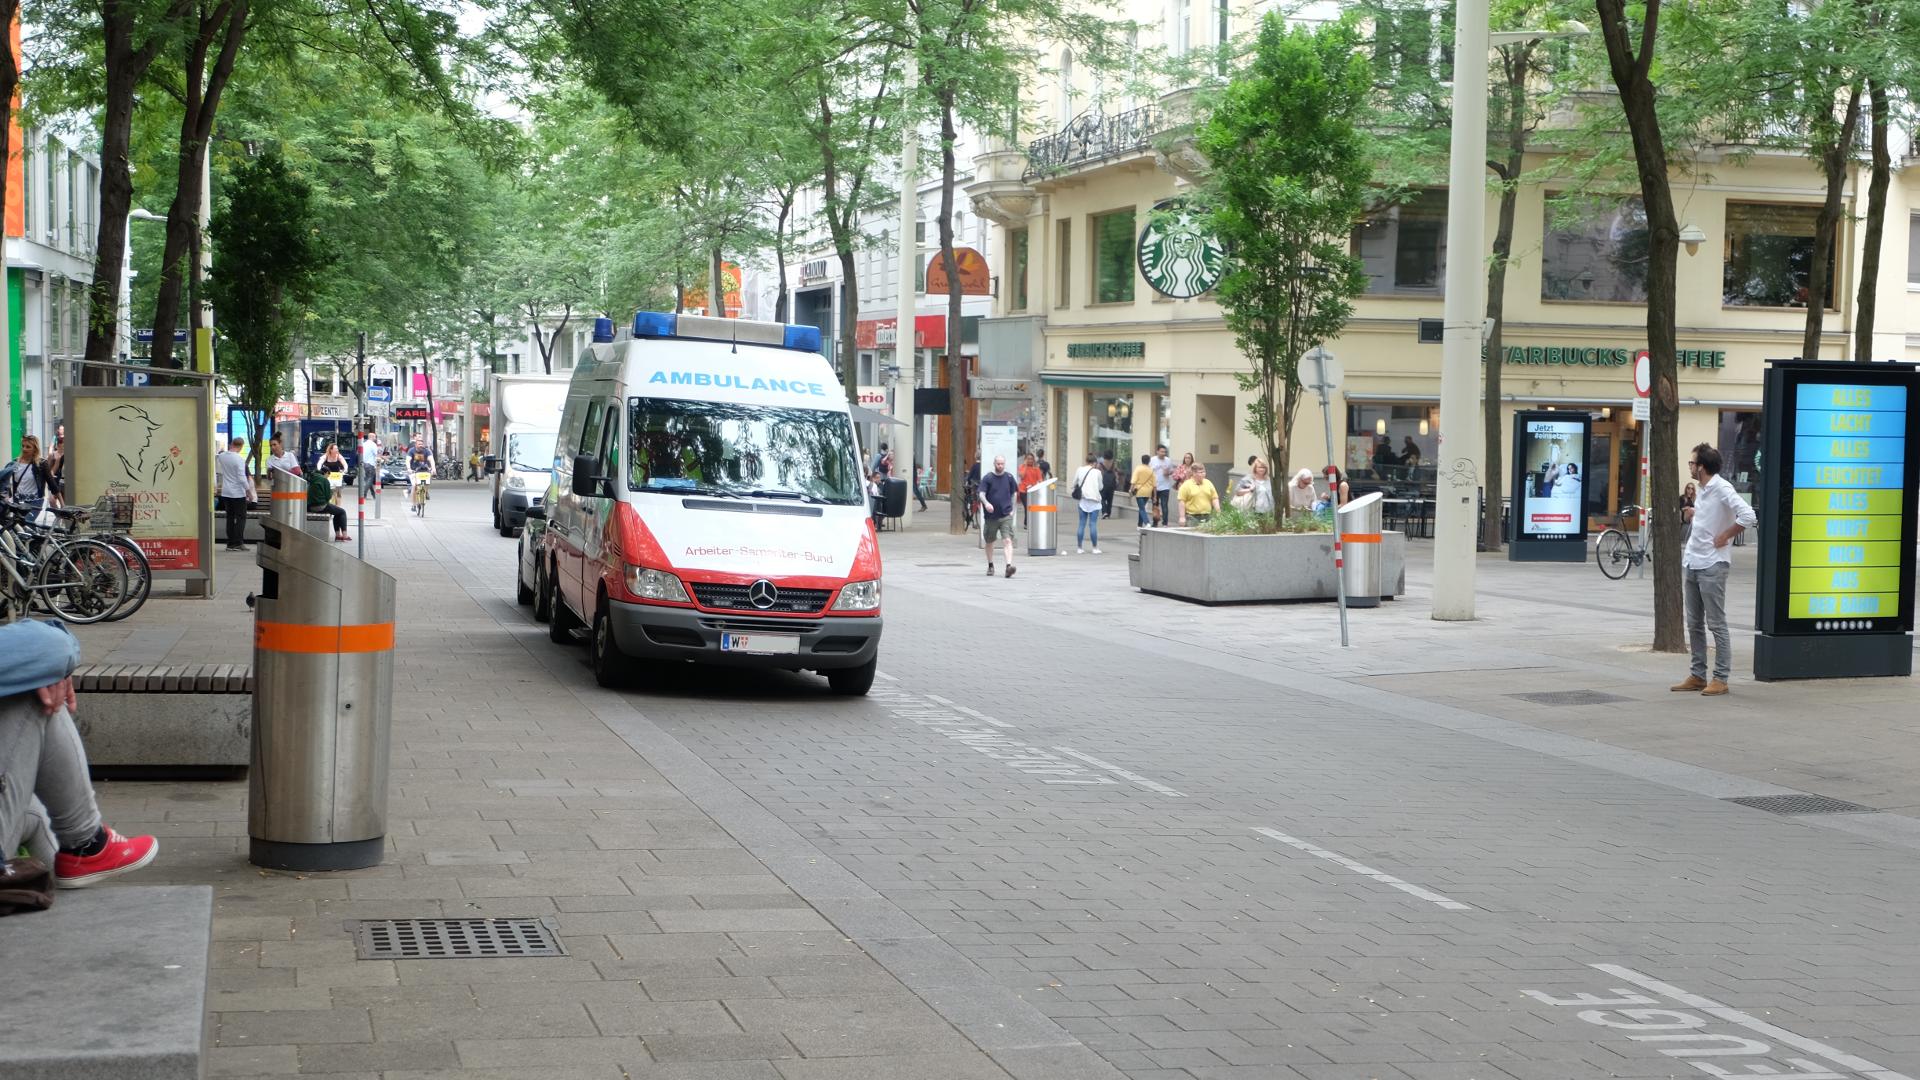 Mariahilferstraße-Ambulanz-Wagen-Wien-2018-Fußgängerzone